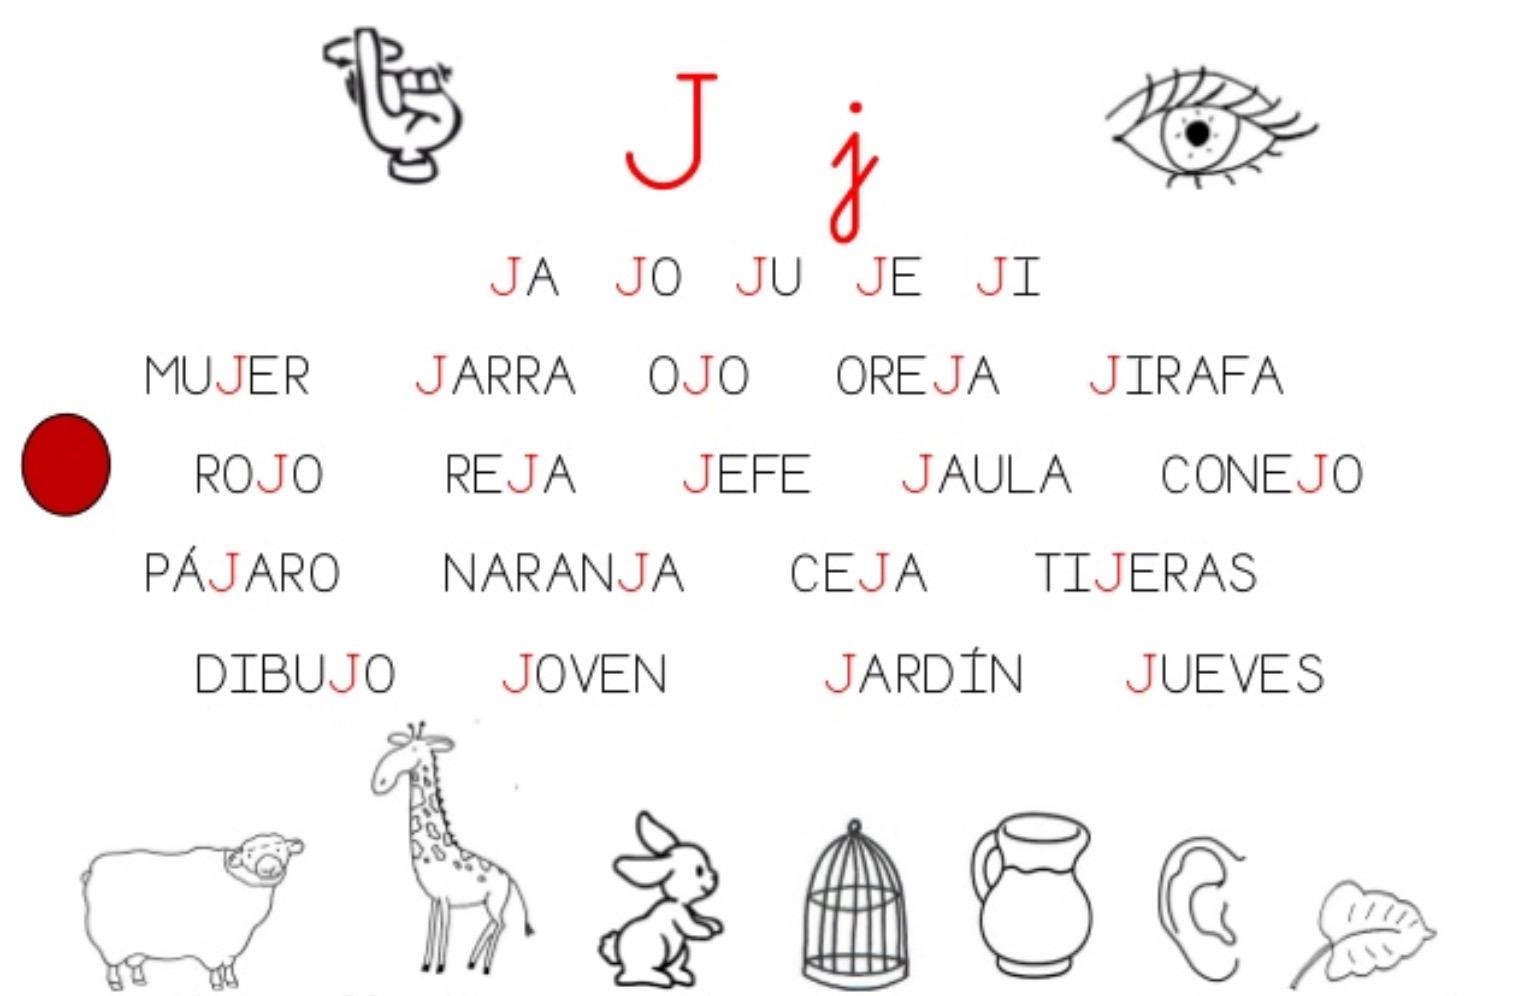 Resultado De Imagen Para Fichas Con Las Silabas Ja Je Ji